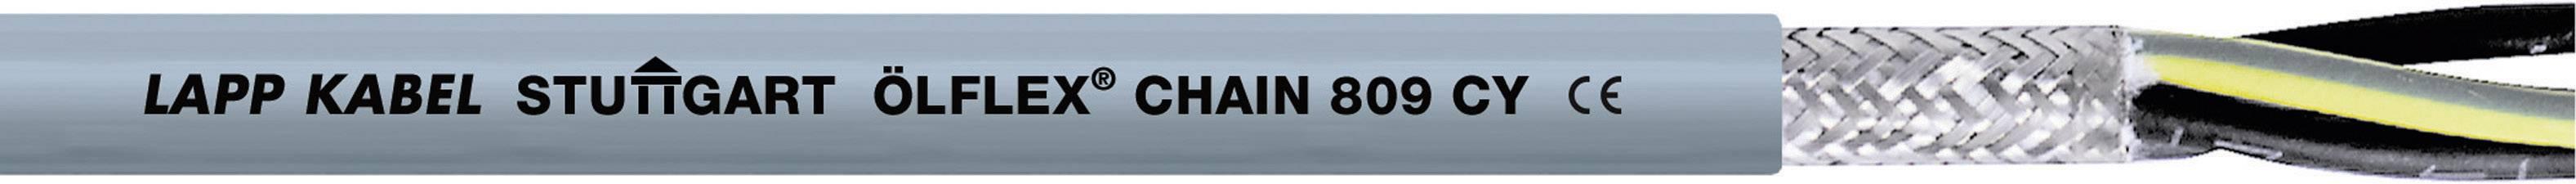 Žíla kabelu LappKabel ÖLFLEX CHAIN 809 CY 12G0,75 (1026764), 12x 0,75 mm², PVC, Ø 10,9 mm, stíněný, 100 m, šed